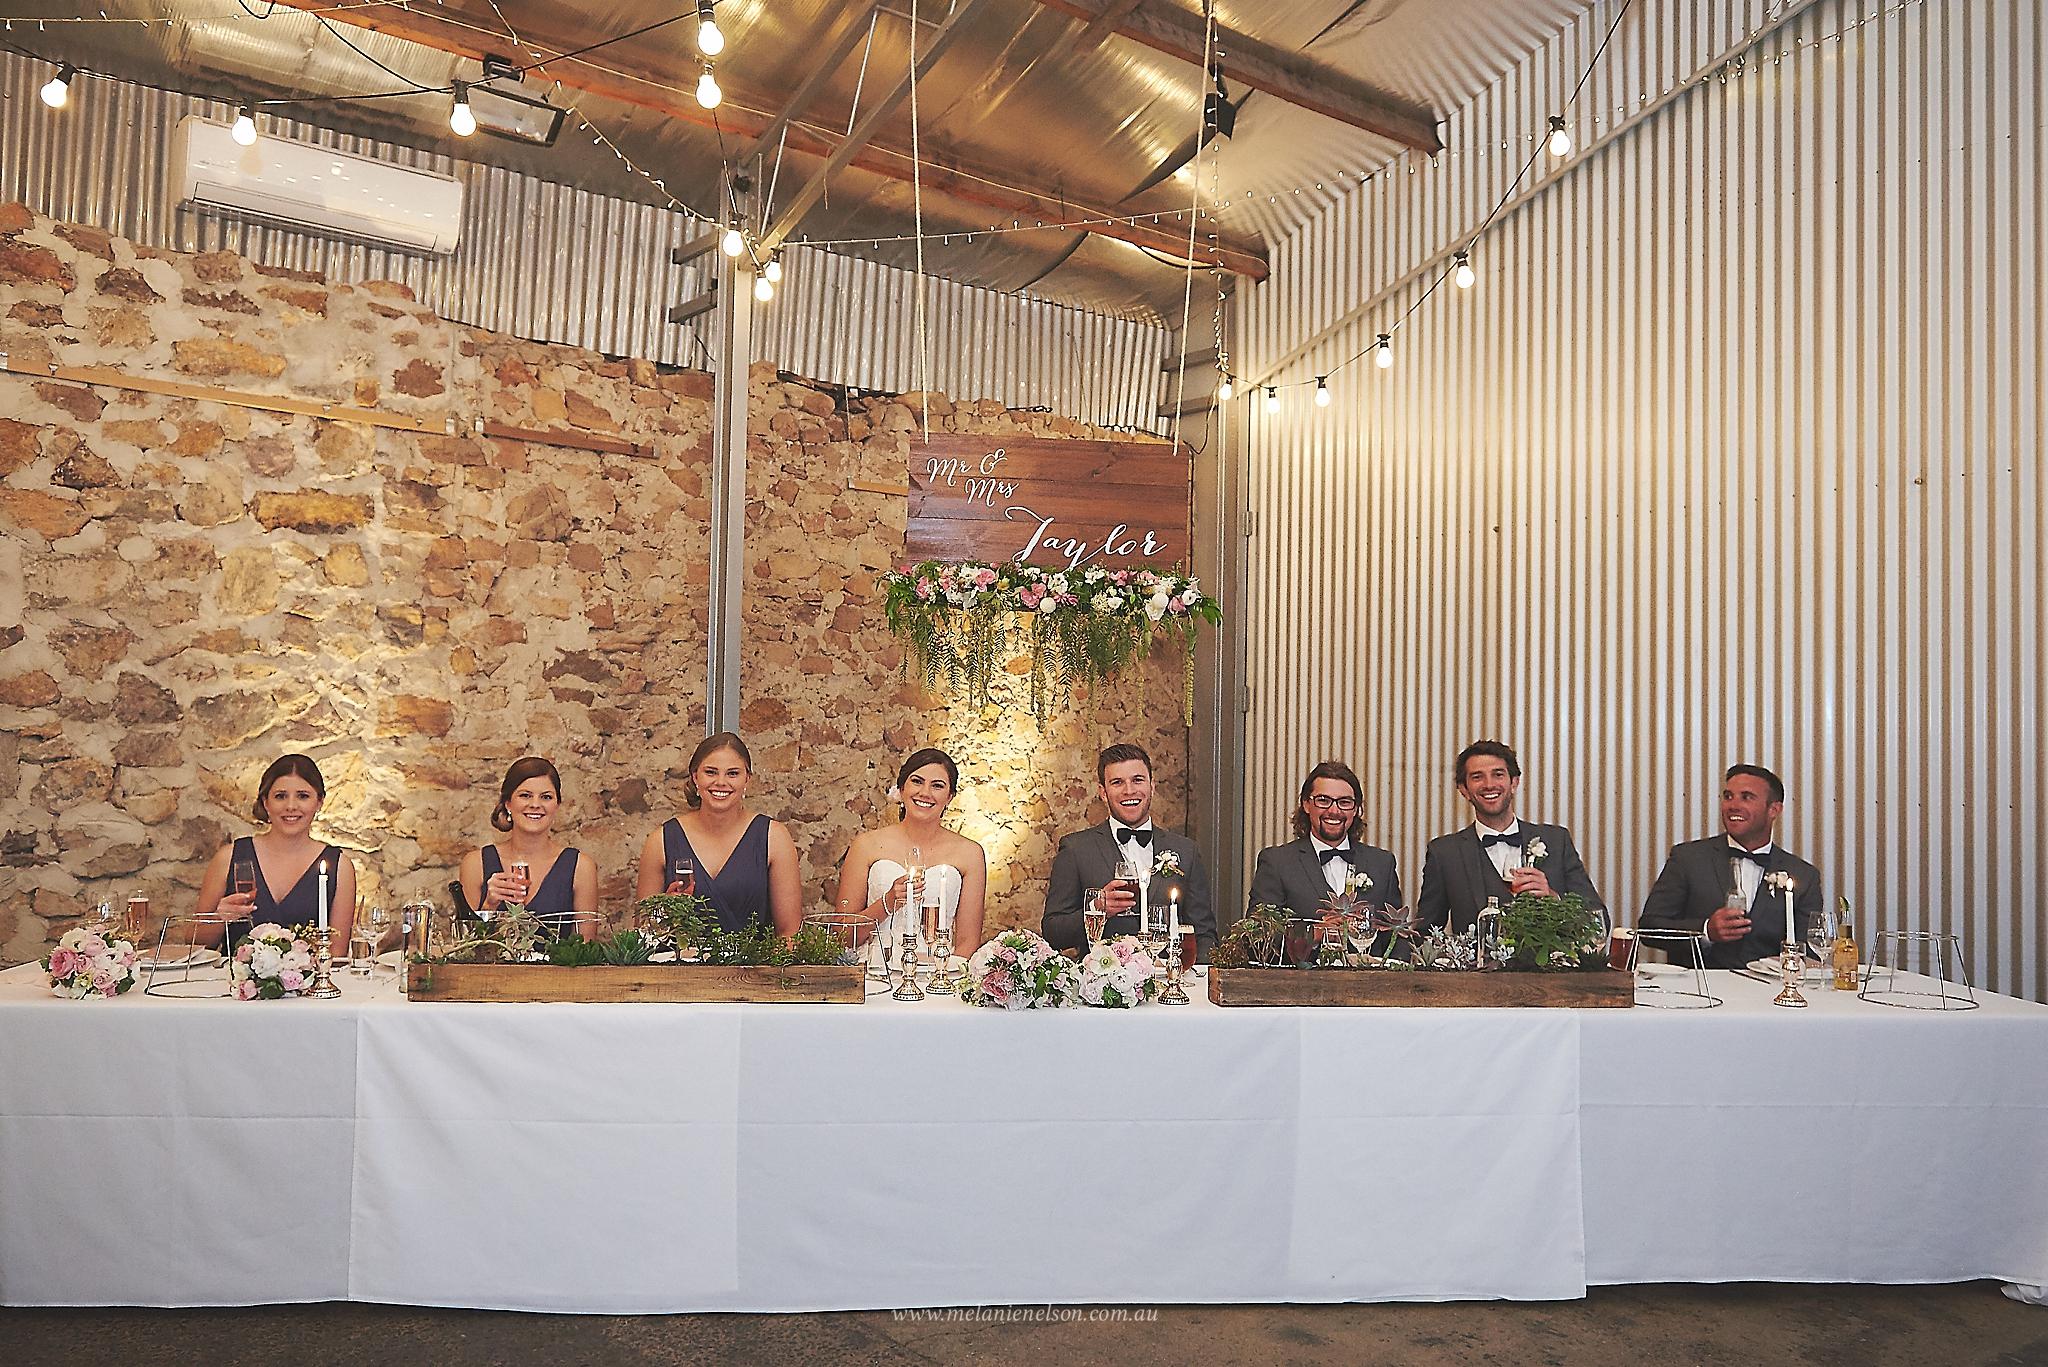 howards_vineyard_wedding_0035.jpg